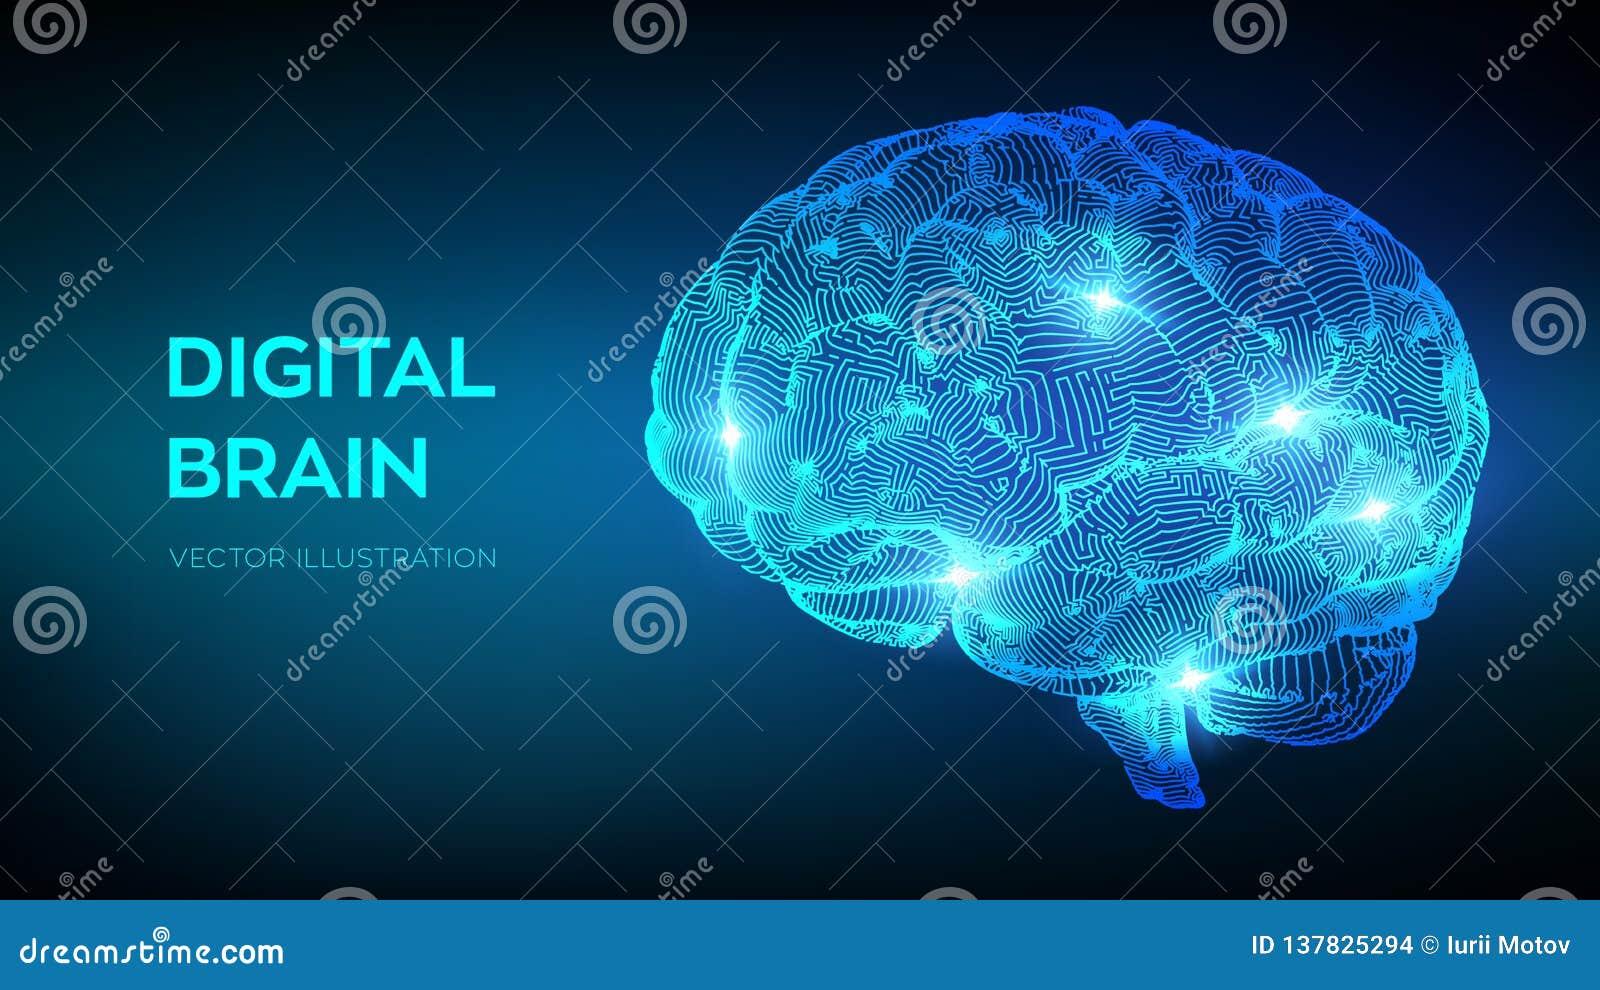 πλεγμένο Ψηφιακός εγκέφαλος τρισδιάστατη έννοια επιστήμης και τεχνολογίας δίκτυο νευρικό Δοκιμή ΔΕΙΚΤΗ ΝΟΗΜΟΣΎΝΗΣ, εικονική άμιλλ